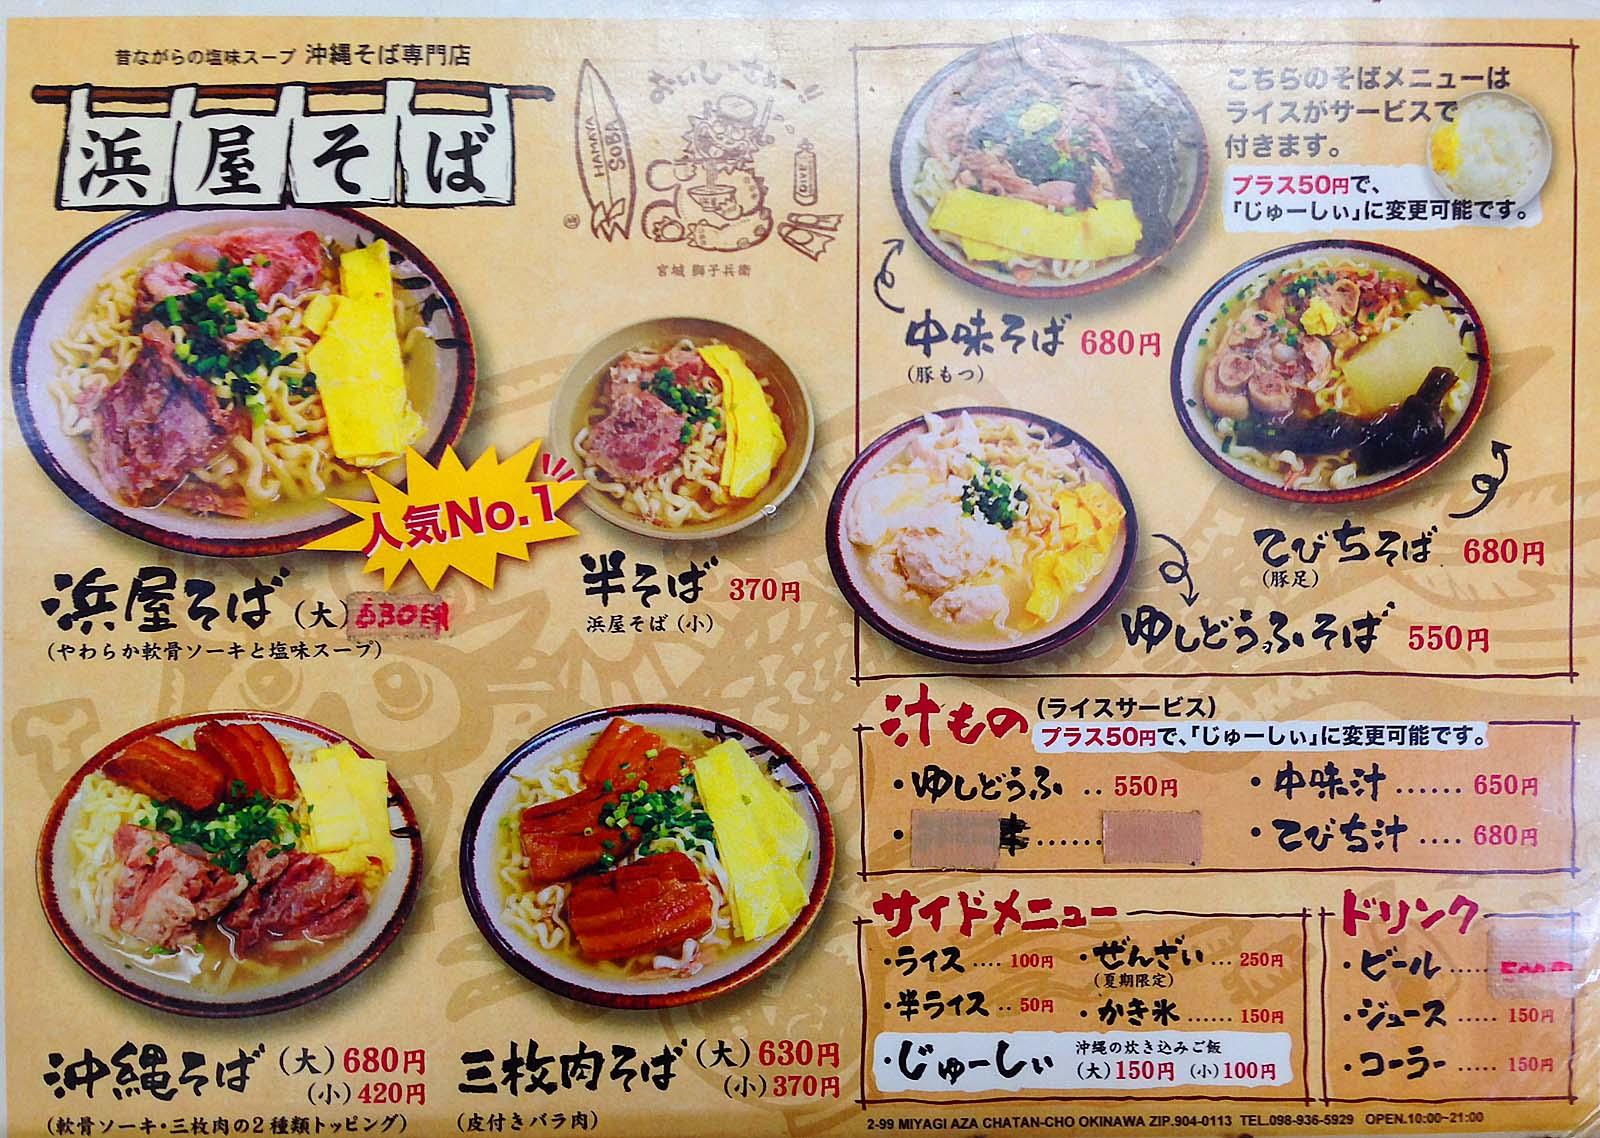 北谷町で人気の沖縄そば専門店「浜屋」のメニュー一覧(日本語版)